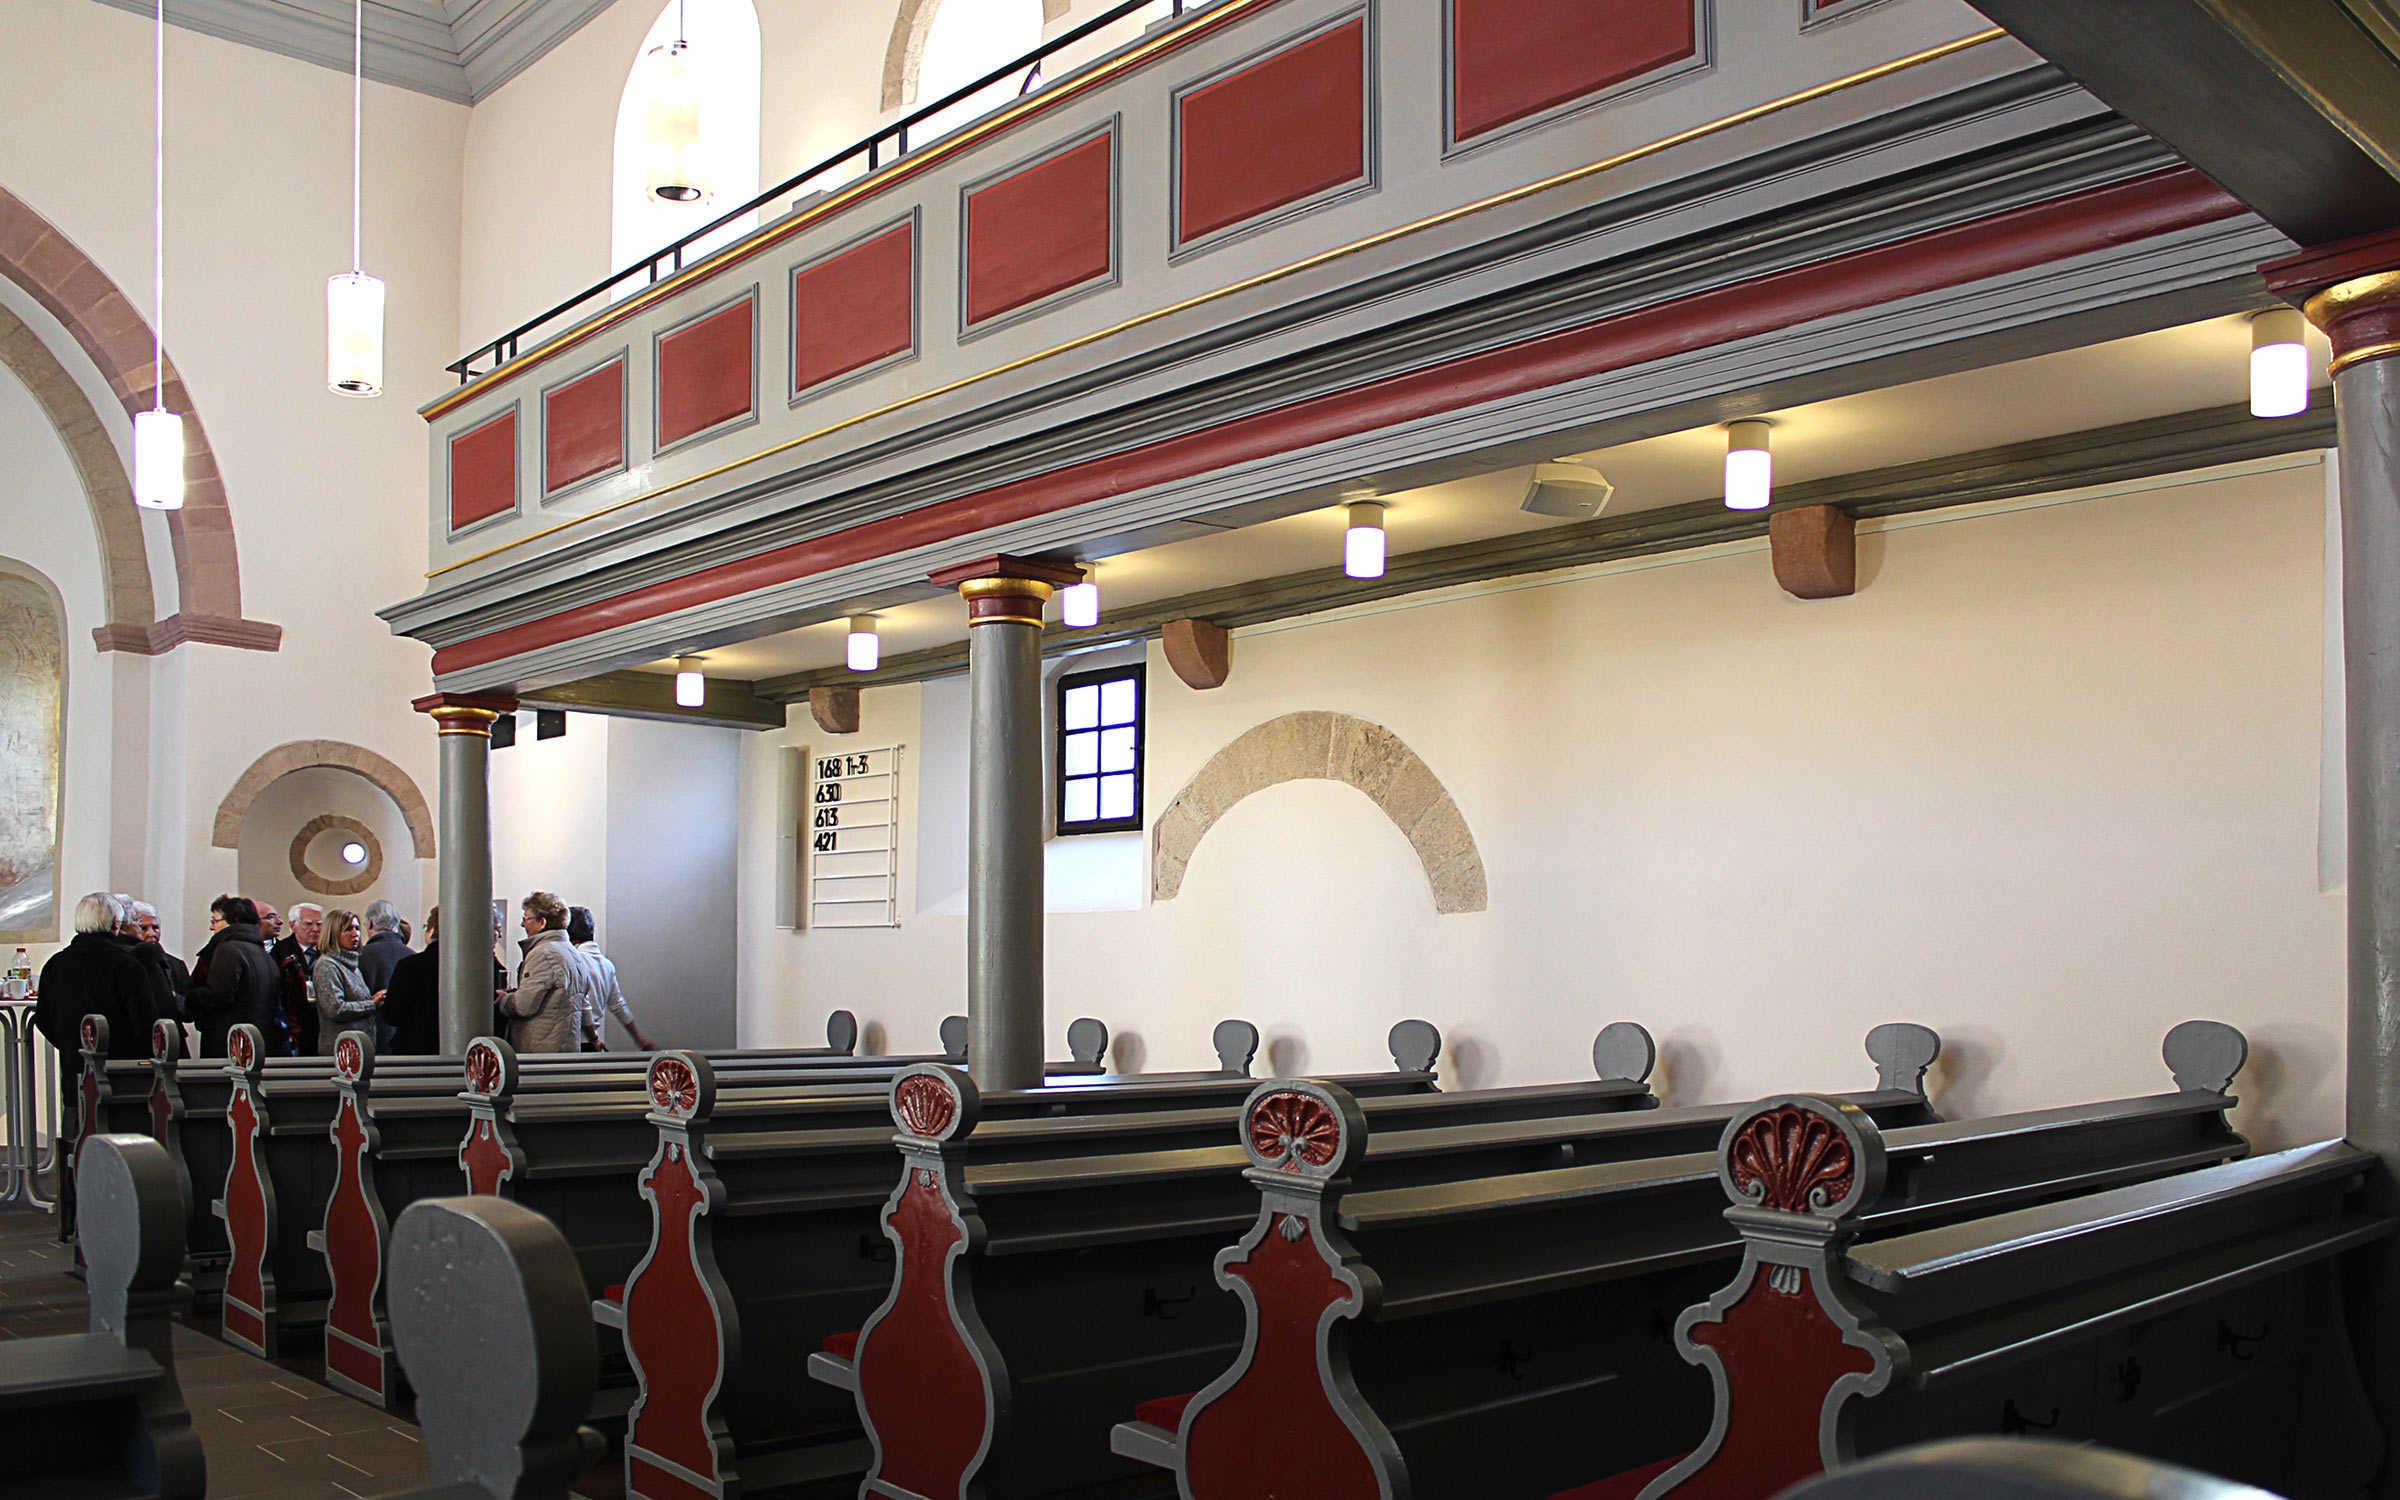 Projekt Evangelische Kirche Bierstadt, Wiesbaden Bierstadt